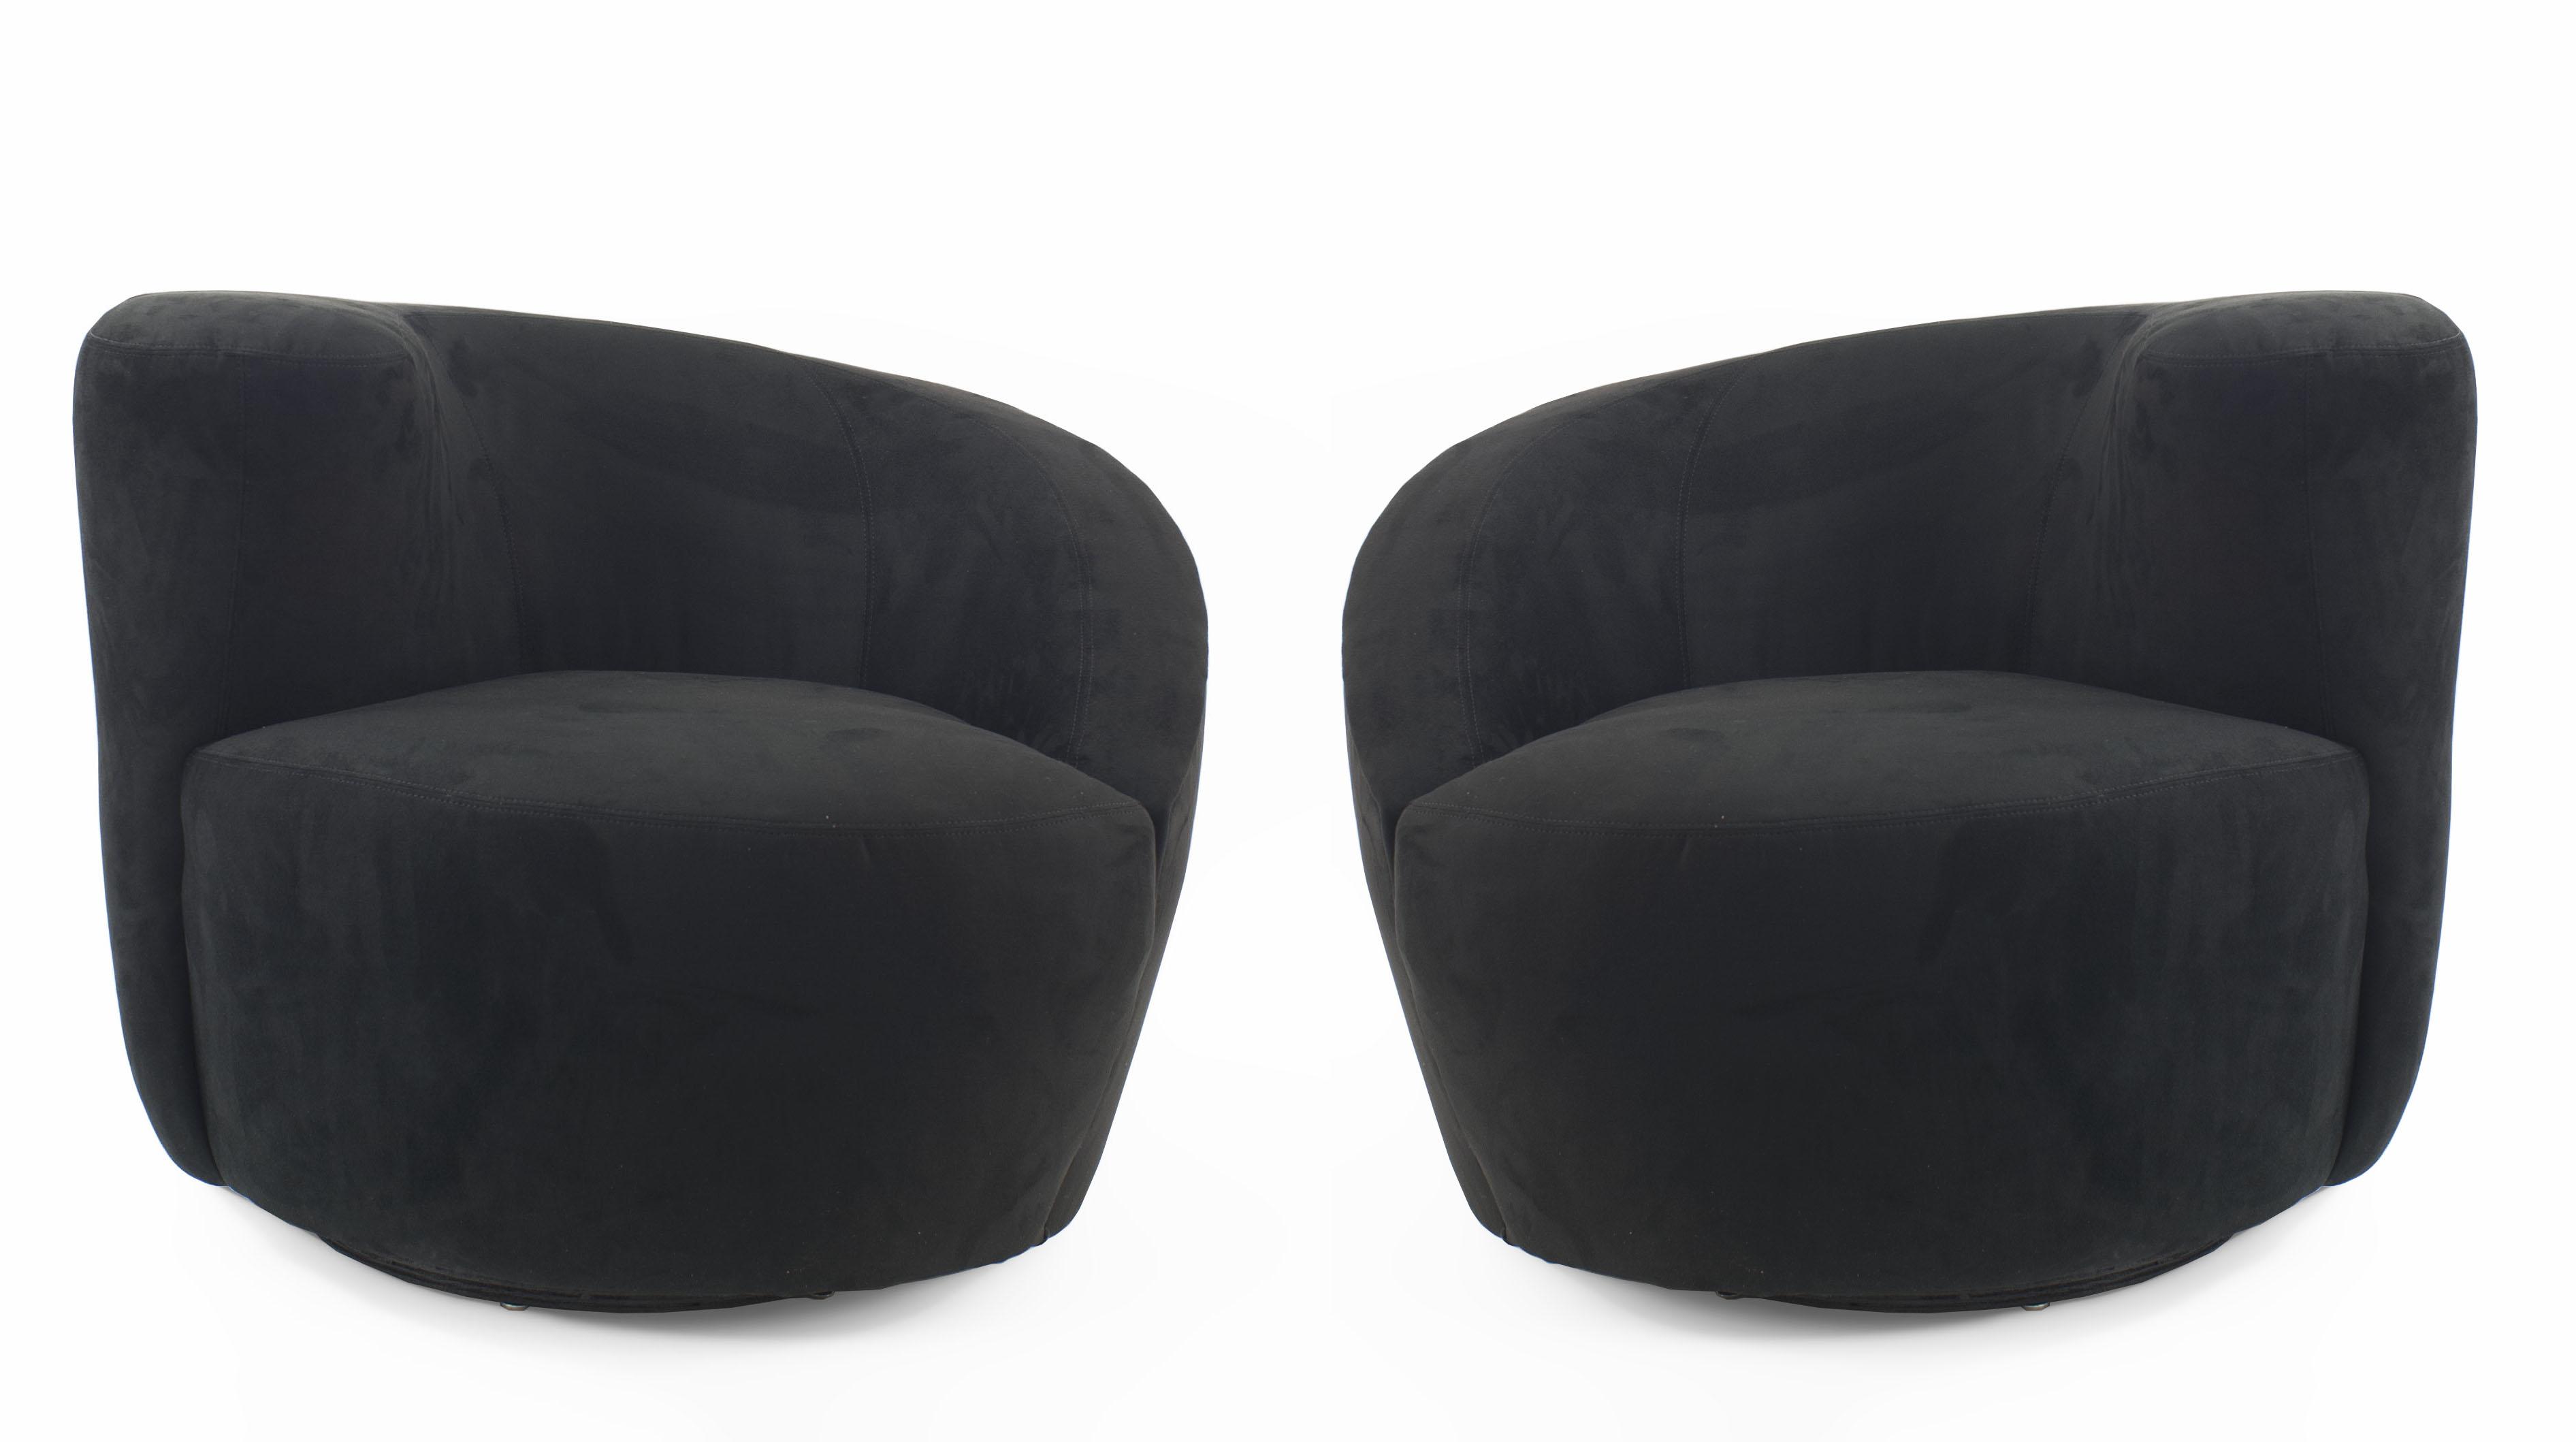 Outstanding Contemporary Black Black Suede Swivel Chair Newel Inzonedesignstudio Interior Chair Design Inzonedesignstudiocom